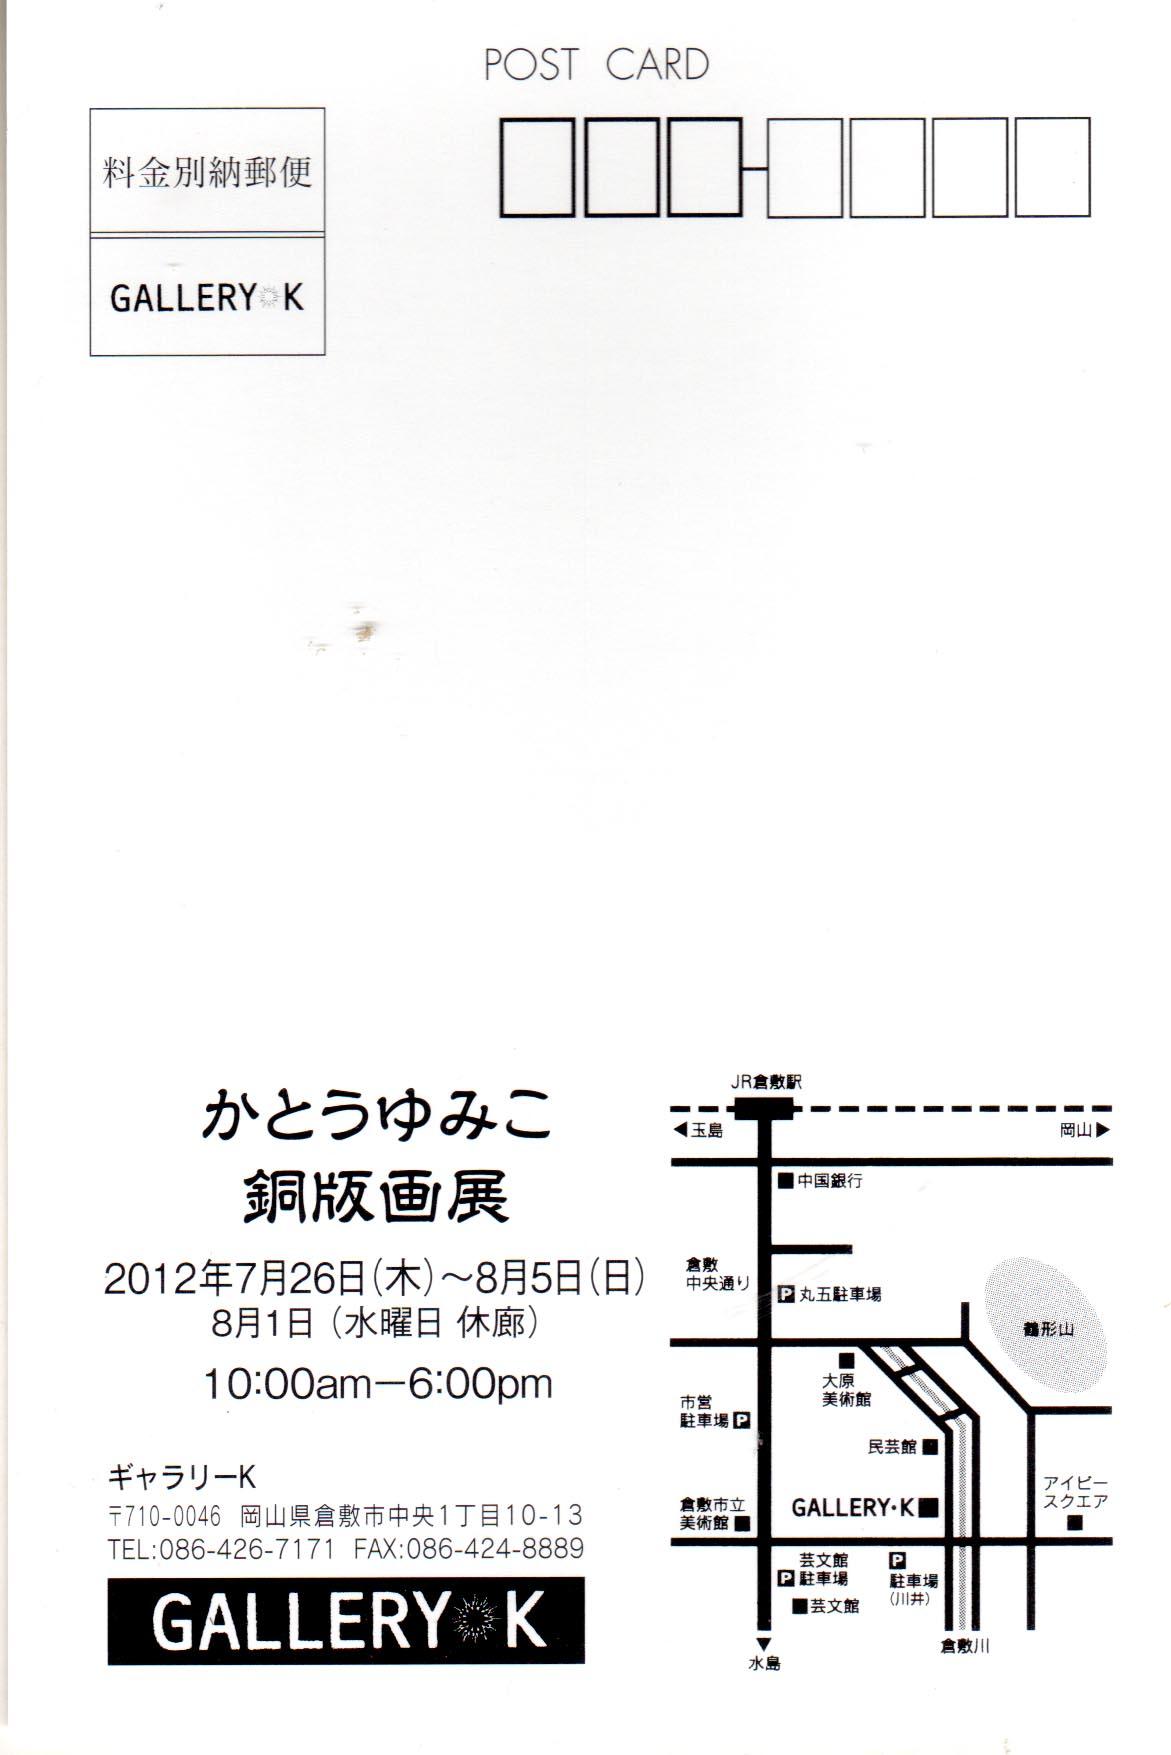 かとうゆみこ銅版画個展_a0072623_10501869.jpg